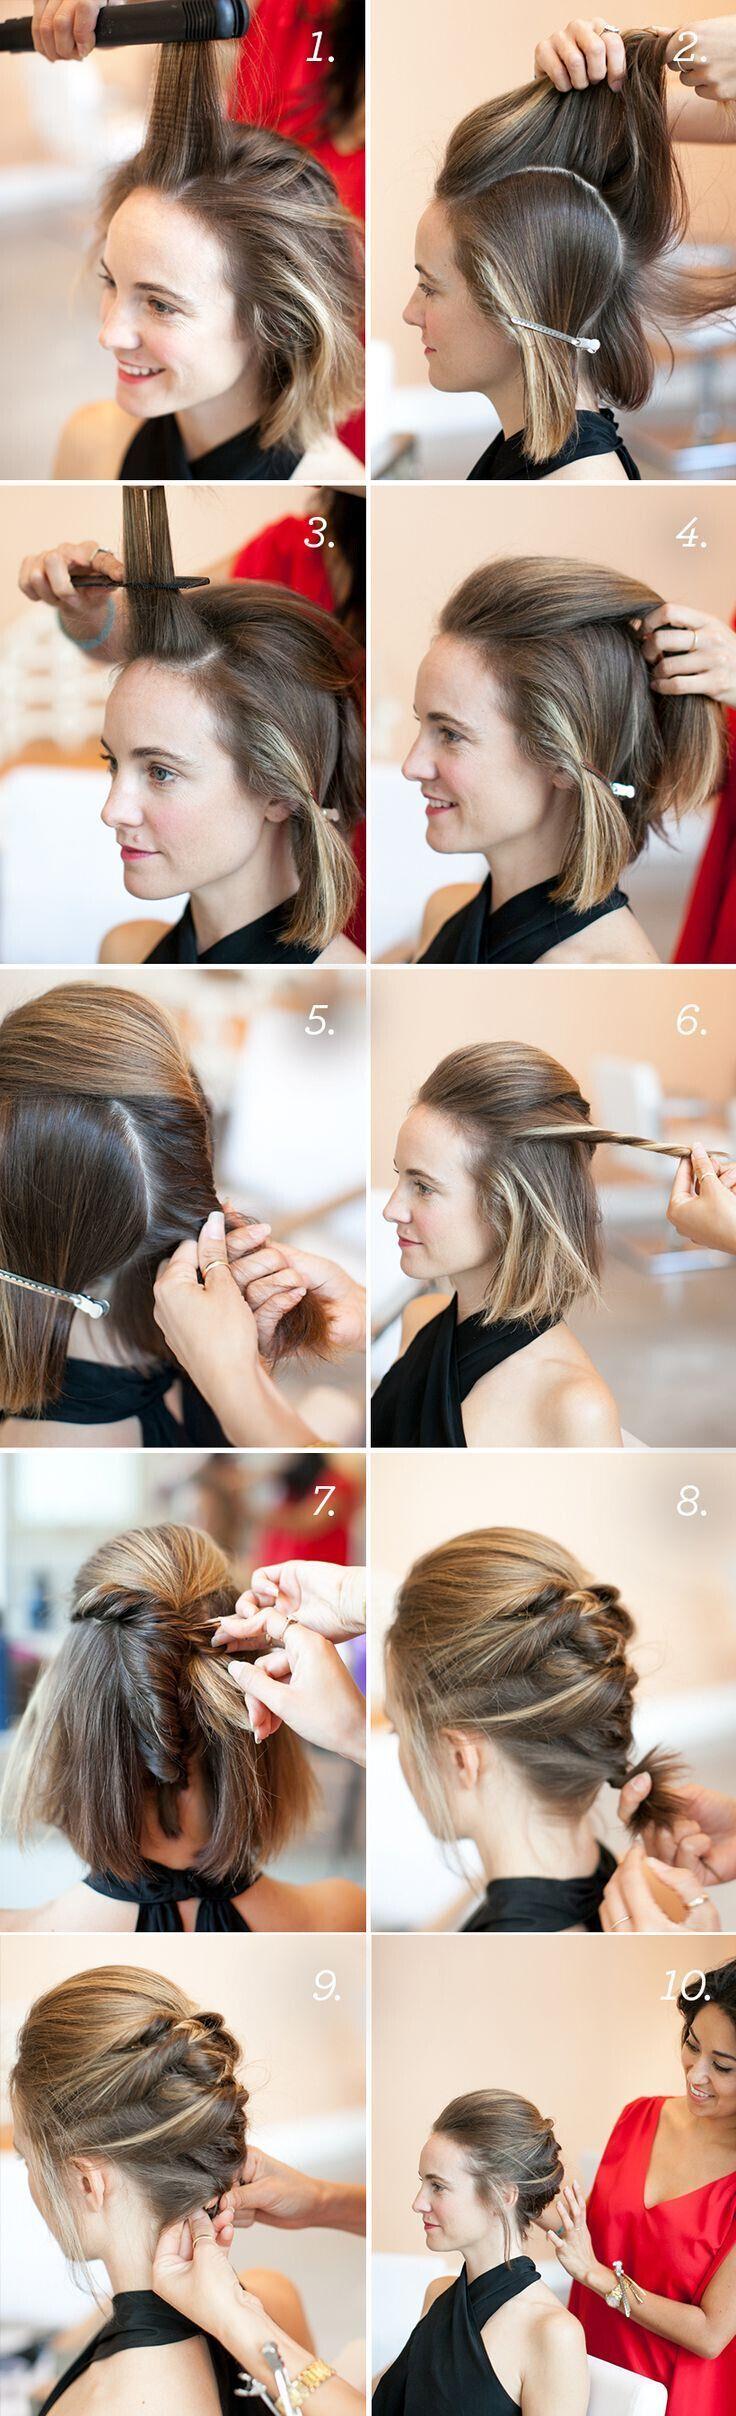 Strukturierte Französisch Geflochtene Hochsteckfrisur für kurzes Haar